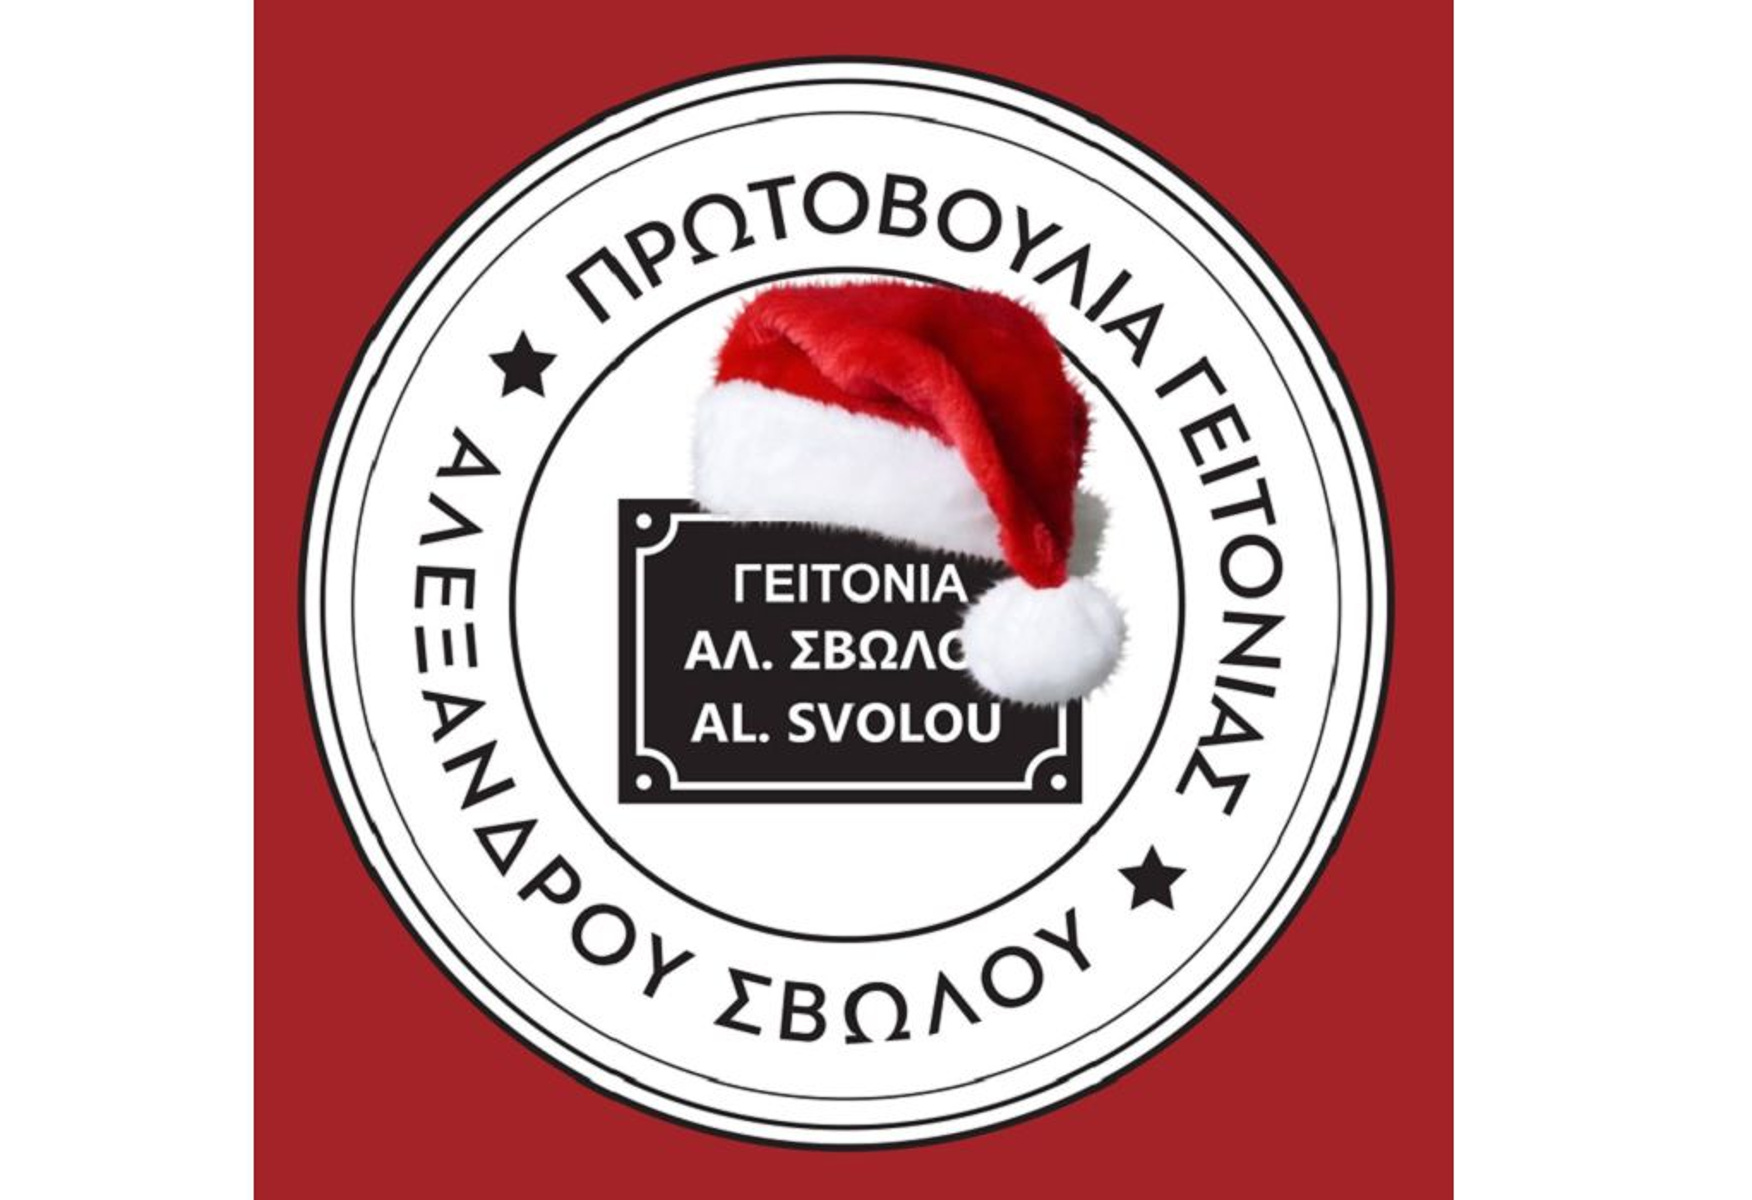 Θεσσαλονίκη: Μπαλκονάτη συναυλία στο κέντρο της πόλης